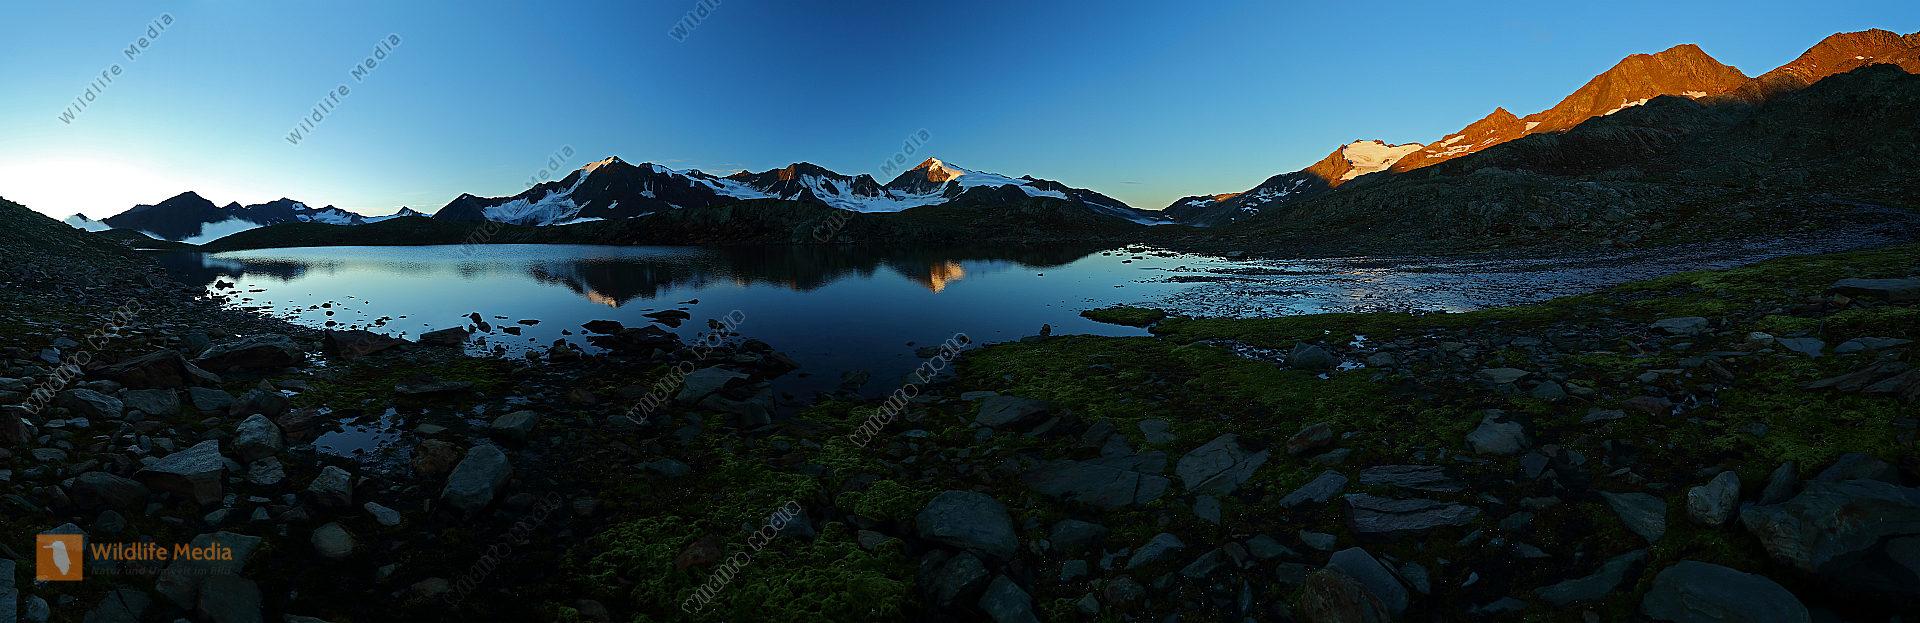 Brizzisee bei Sonnenaufgang Panorama